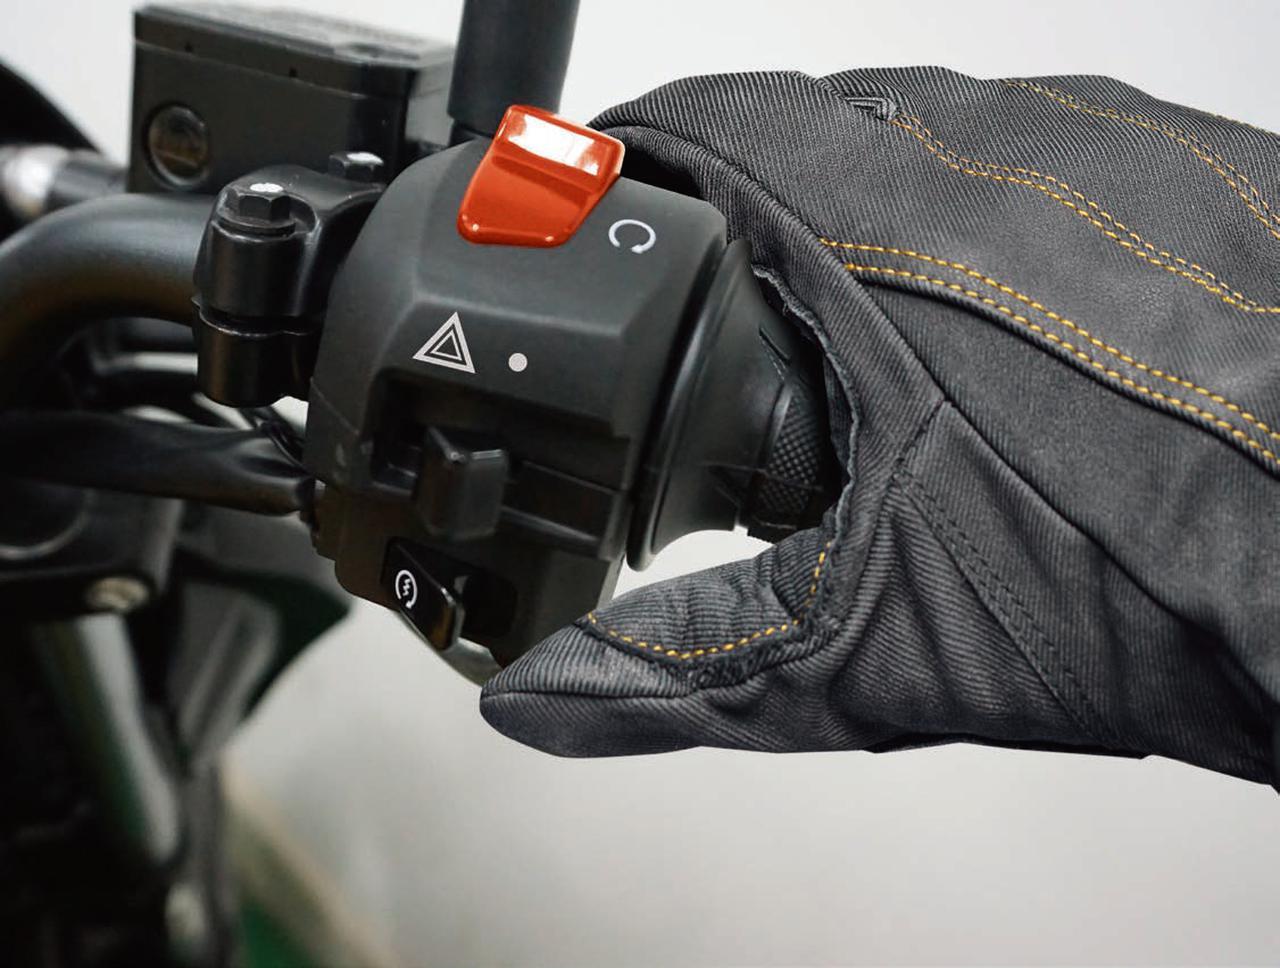 画像: エンジン始動はセルボタンを押し続けなくてもワンプッシュで始動が可能になる「スズキイージースタートシステム」を装備。エンジンがかかると、ECM(Engine Control Module)が始動状況を認識してスターターモーターを止める仕組みになっています。